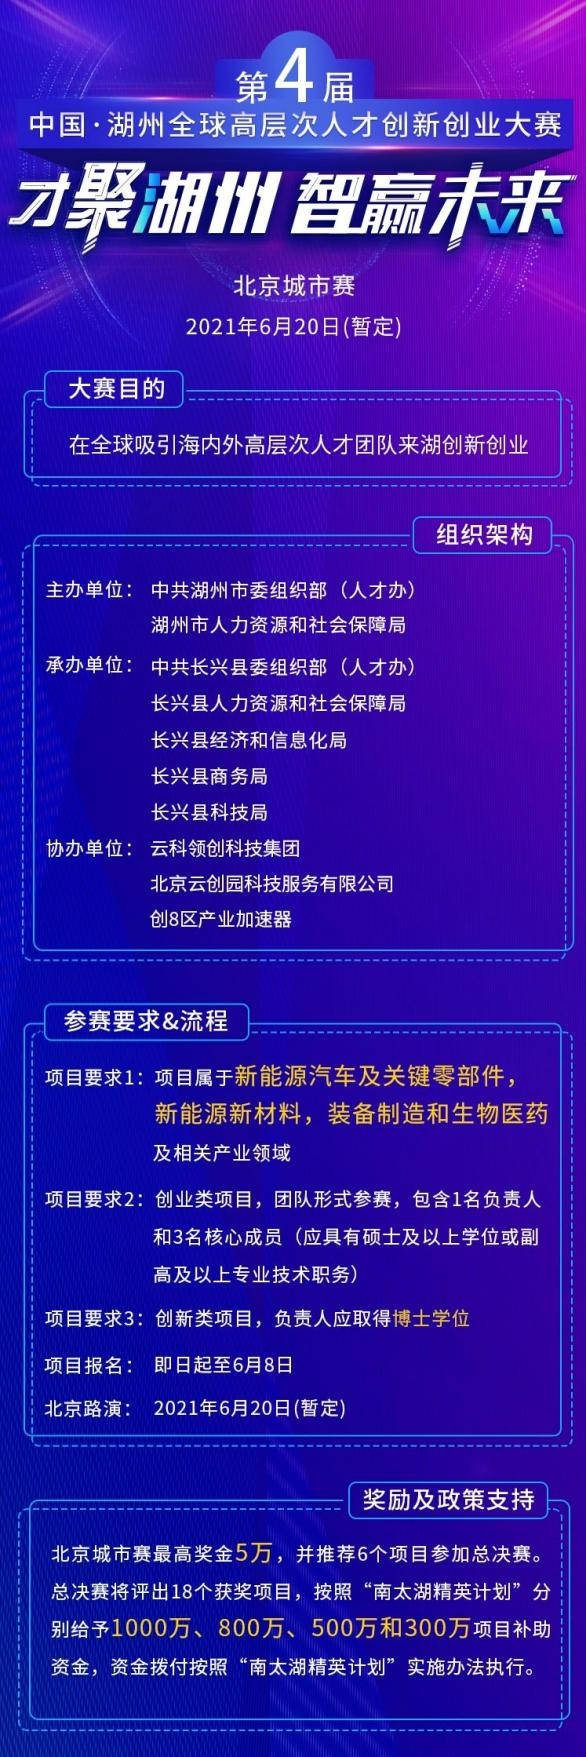 """""""凝心聚力抓招引 千万重奖补项目"""" 第四届中国・湖州全球高层次人才创新创业大赛启动报名"""